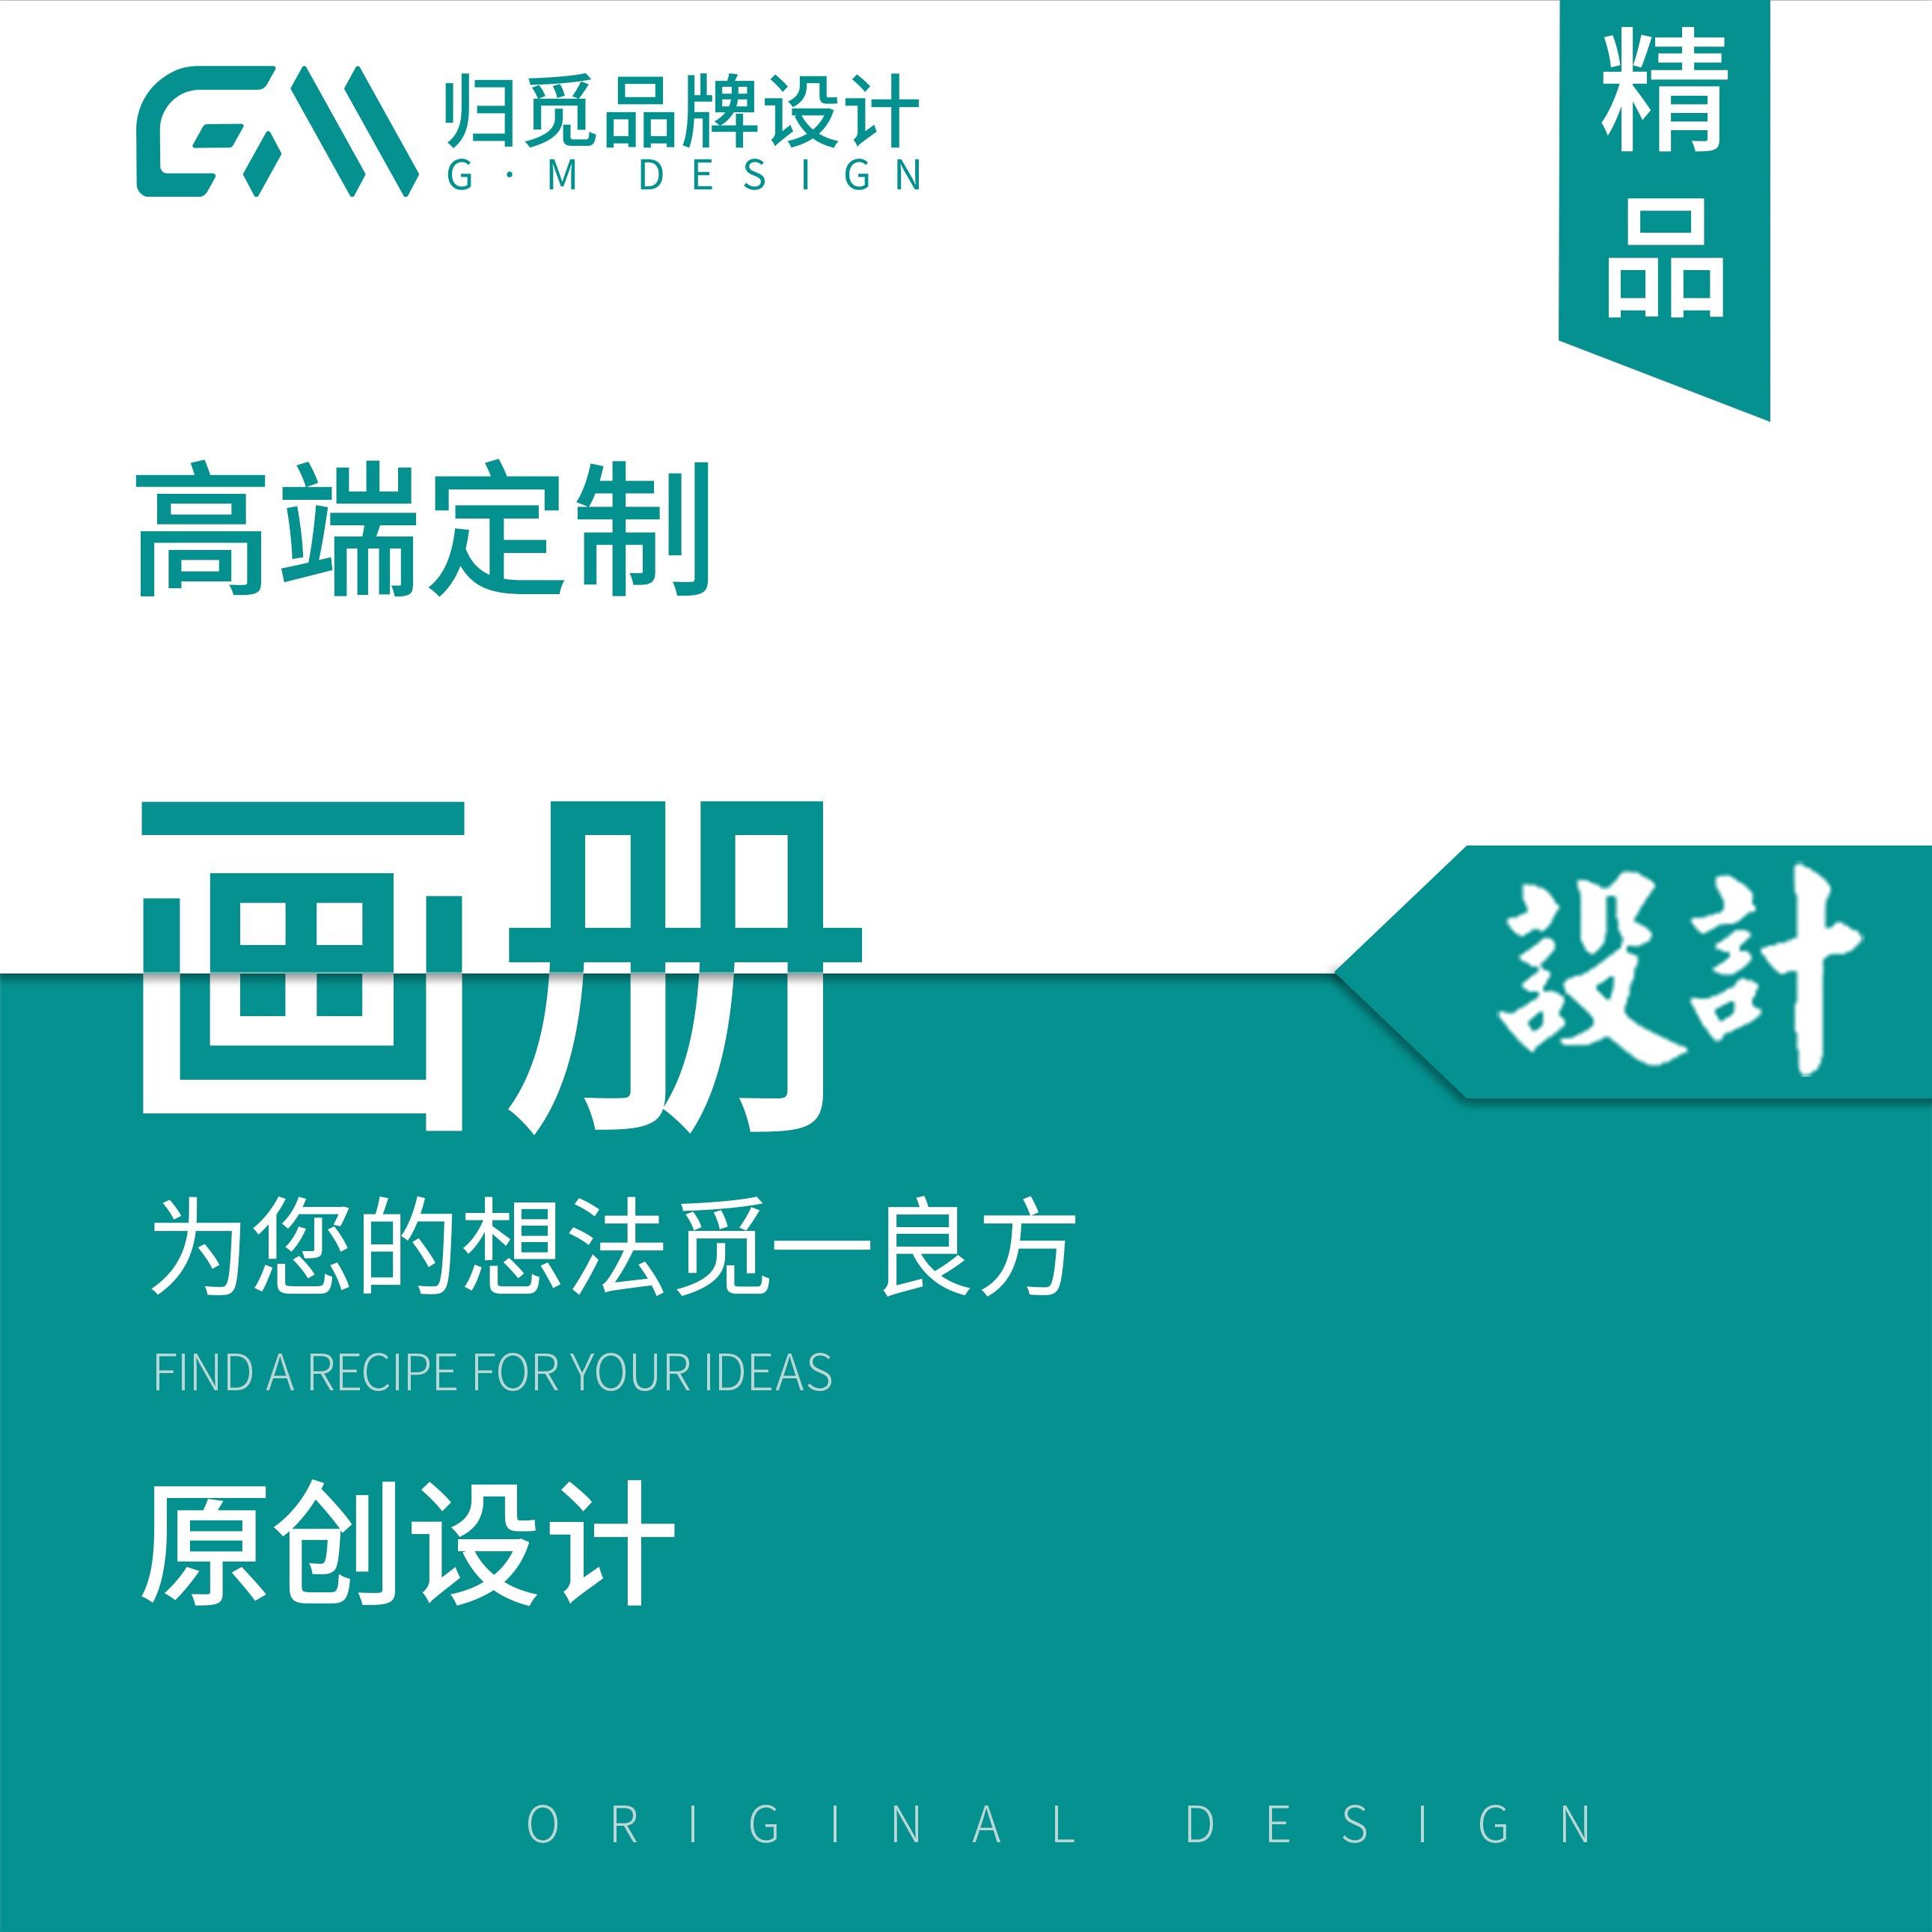 【高端画册定制】企业宣传册产品彩页招商手册宣传单折页海报设计